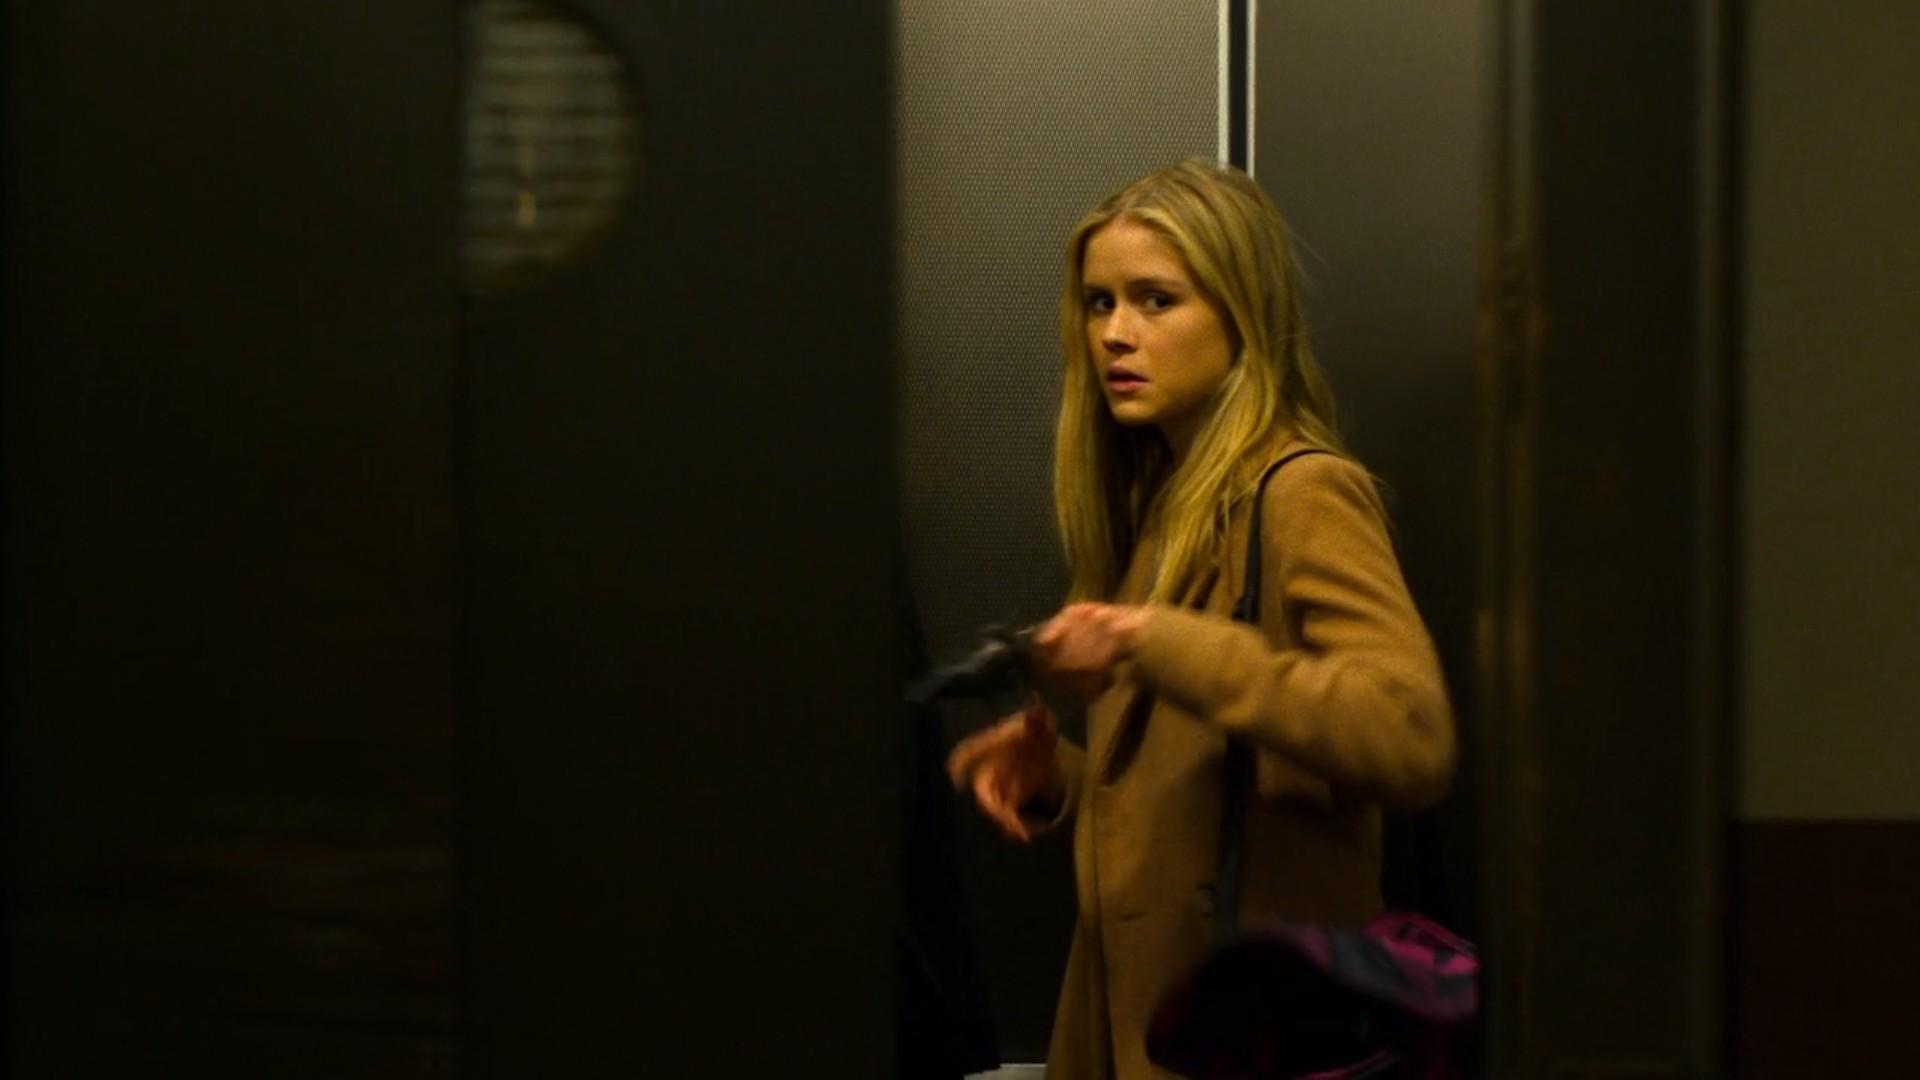 10. Hope Shlottman (Jessica Jones); procent ankietowanych, którzy śmierć tej postaci uznali za najsmutniejszą: 13%